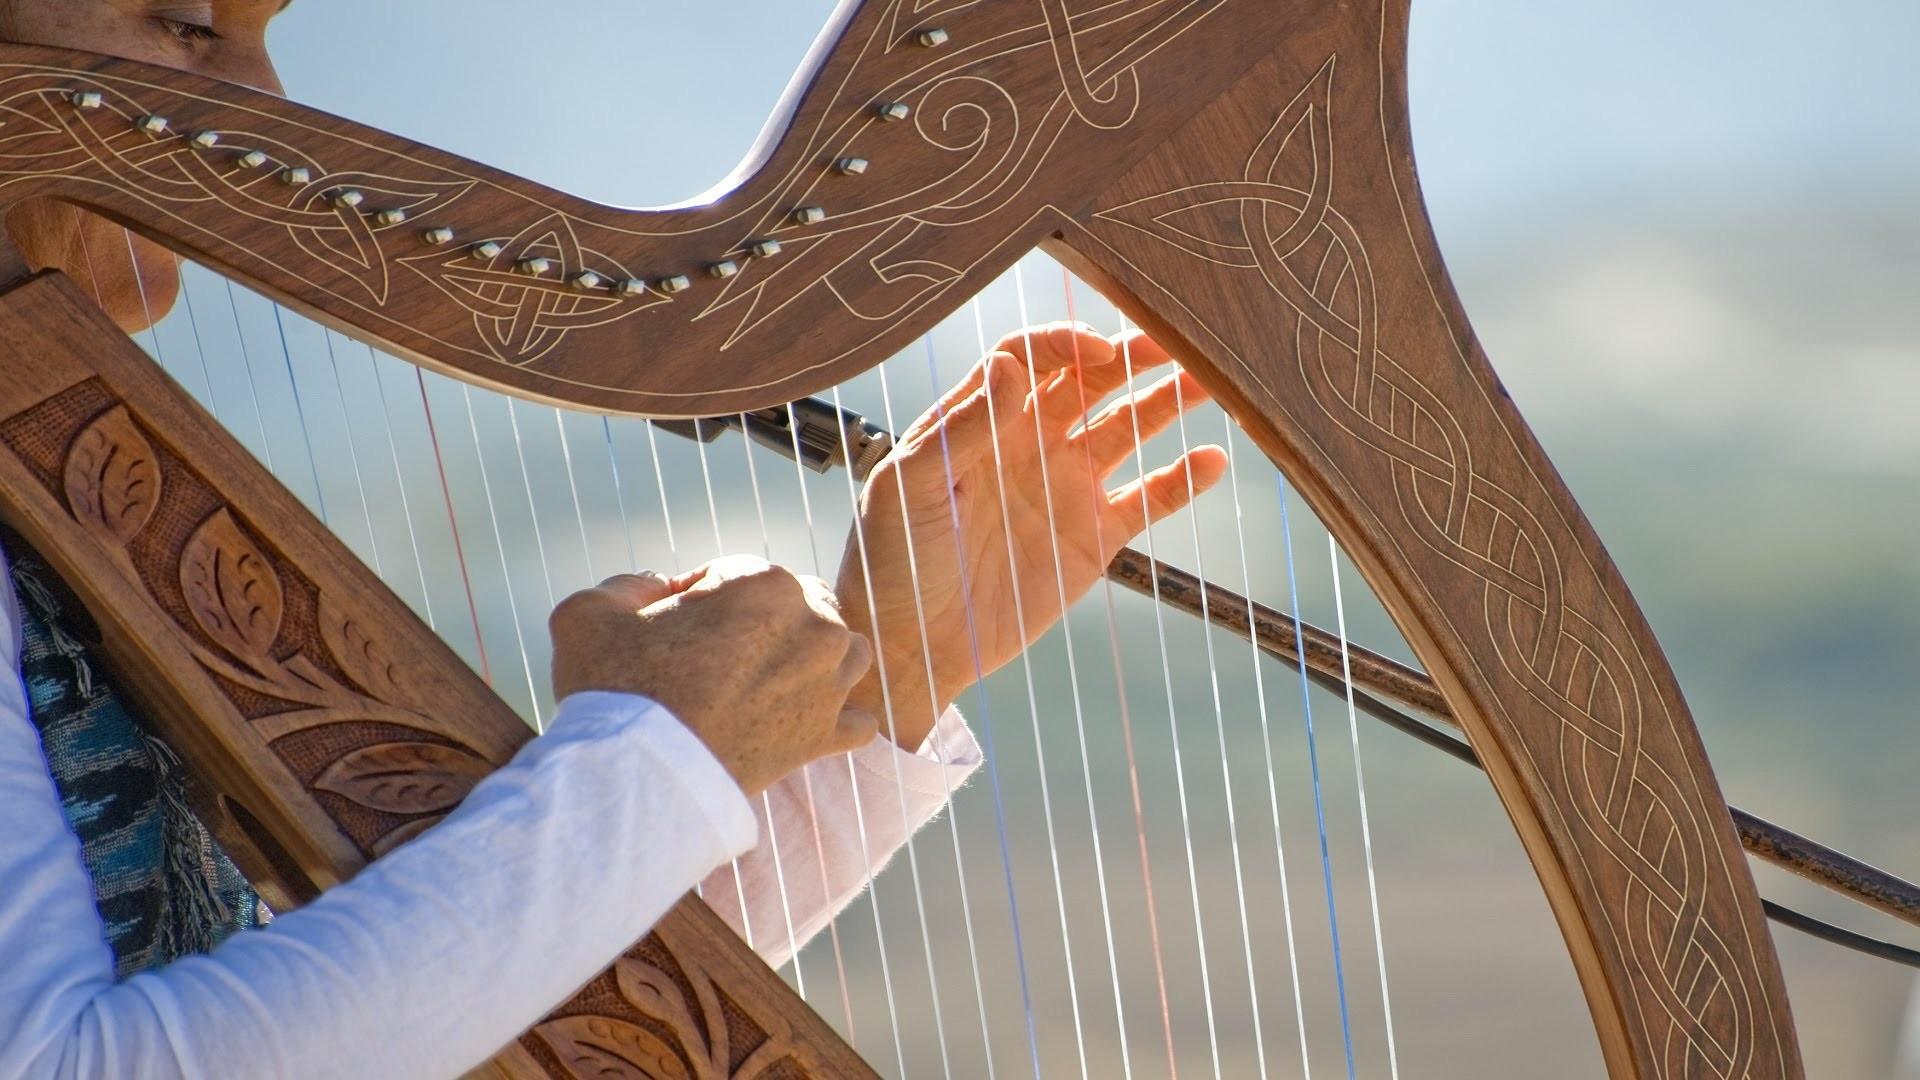 Ötezer éves hangszerrel ismerkedhetünk meg a budapesti Festetics-palotában